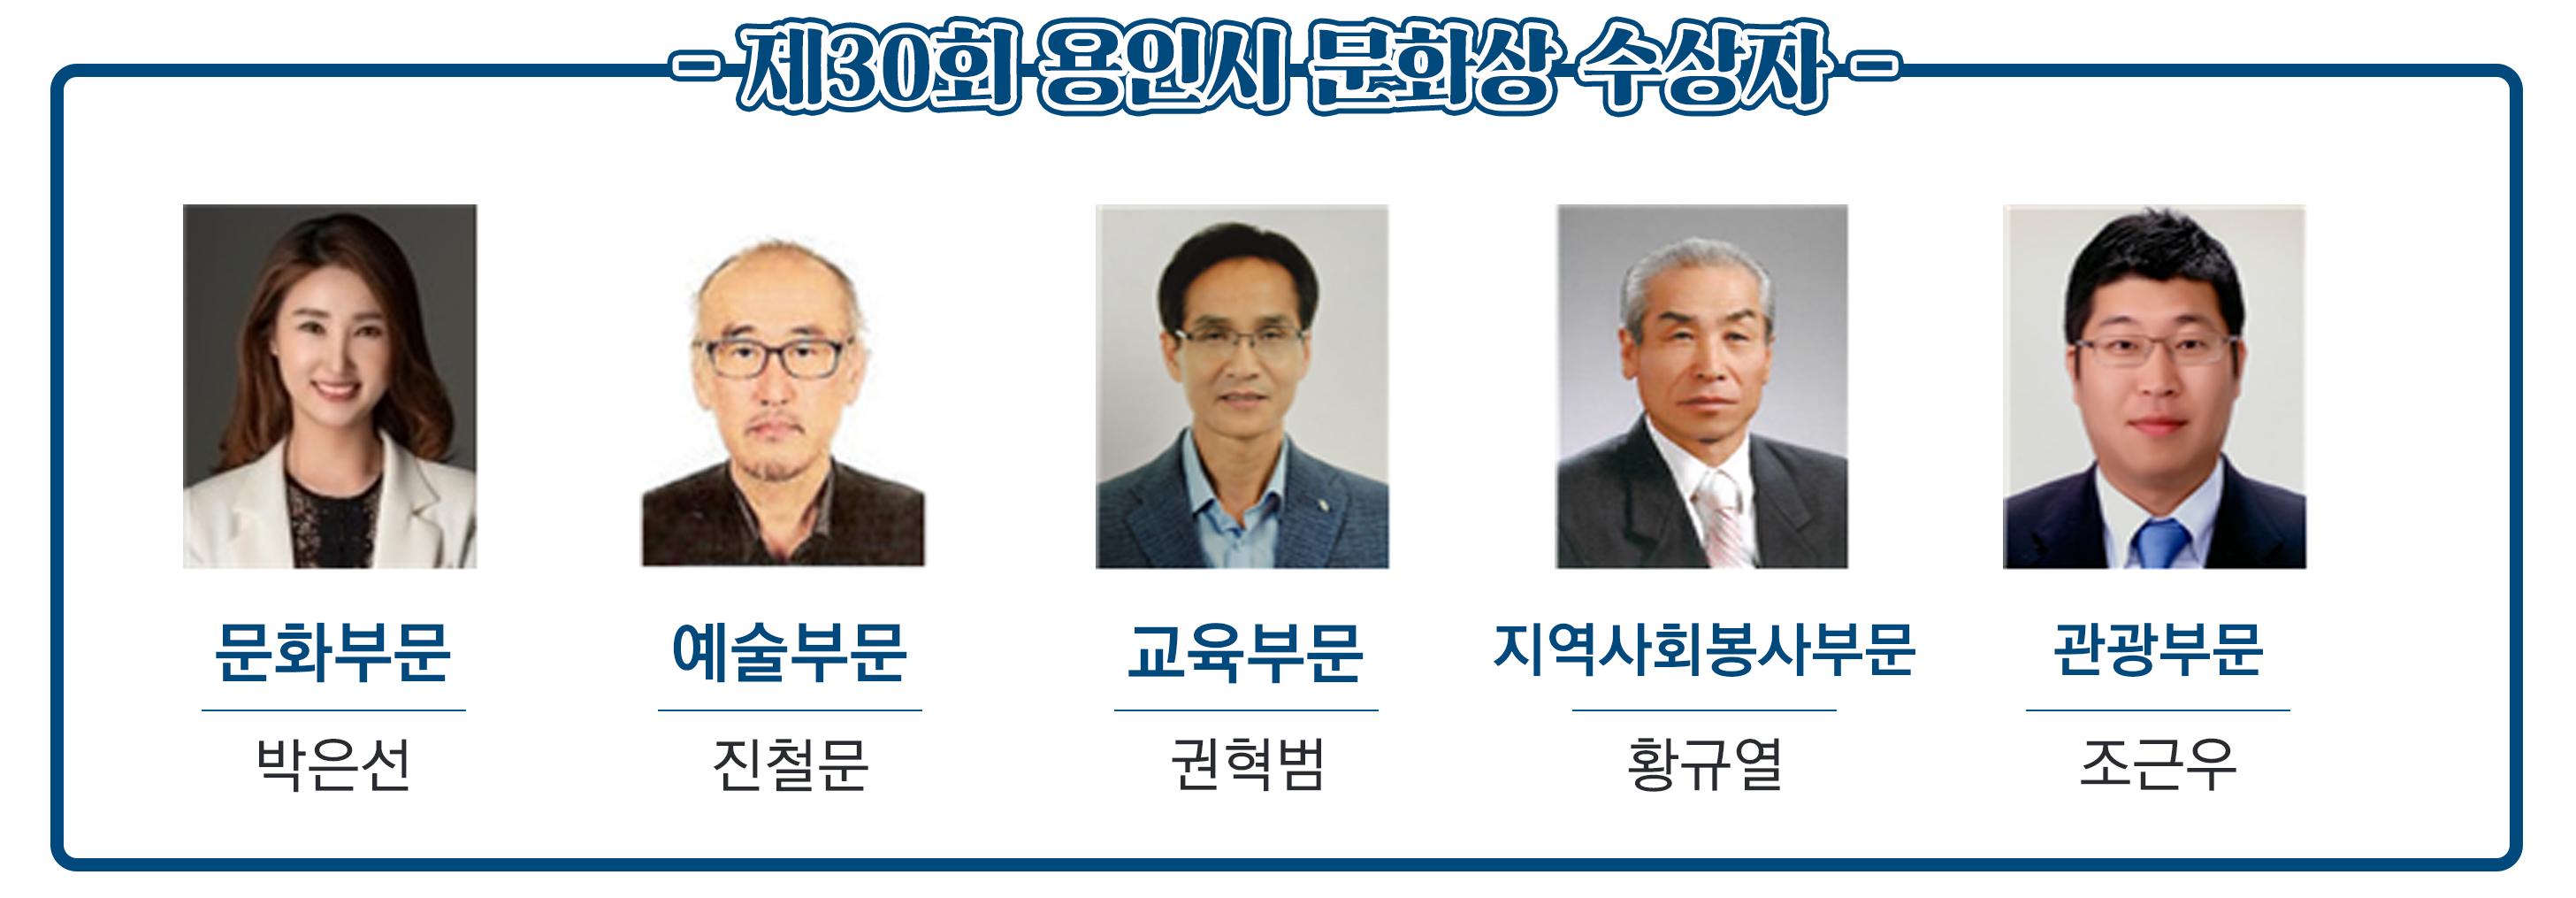 '용인시 문화상'5개 부문 수상자 선정